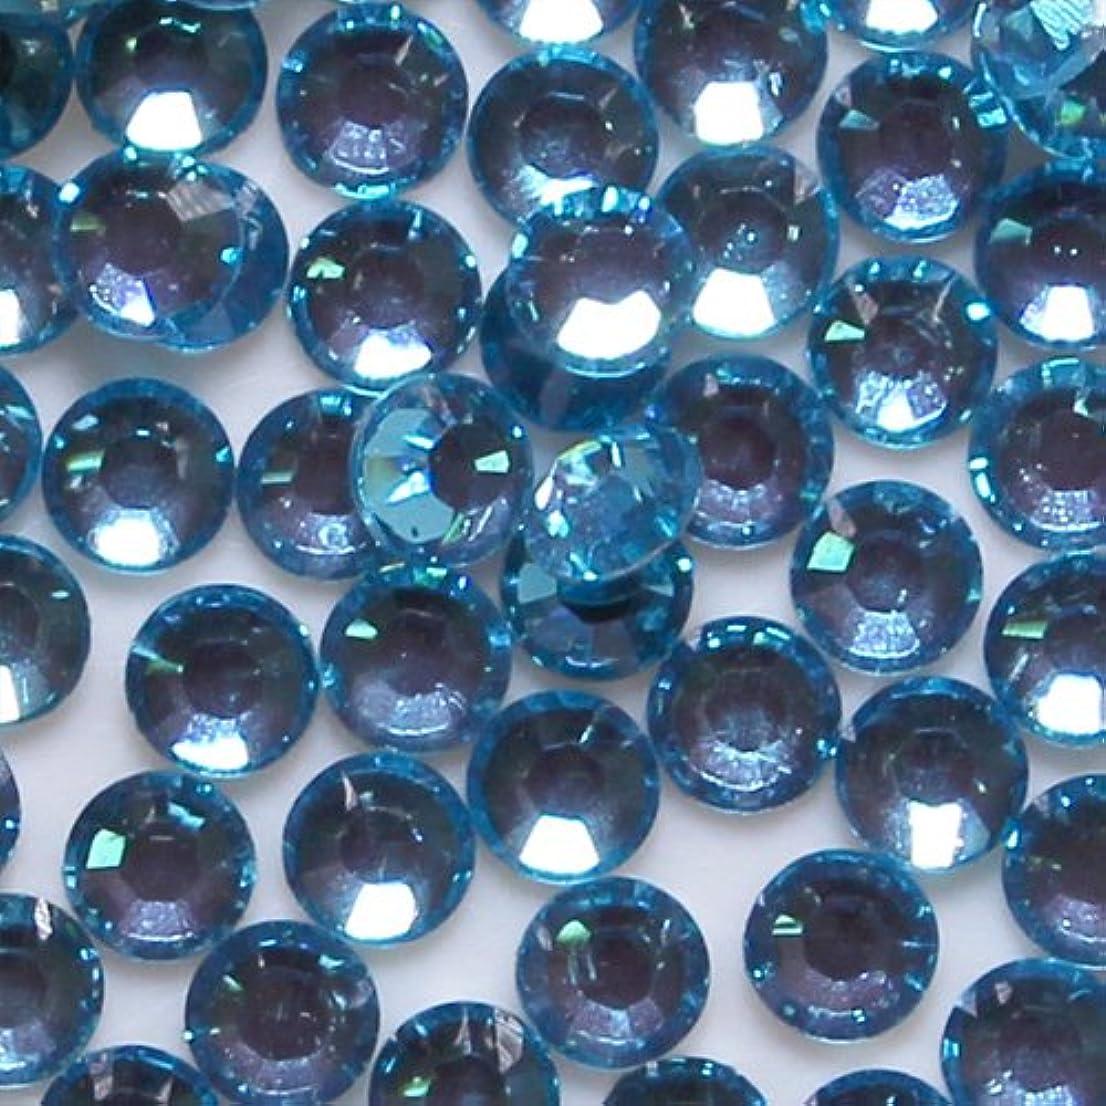 リサイクルする縁石真似る高品質 アクリルストーン ラインストーン ラウンドフラット 約1000粒入り 3mm ターコイズ